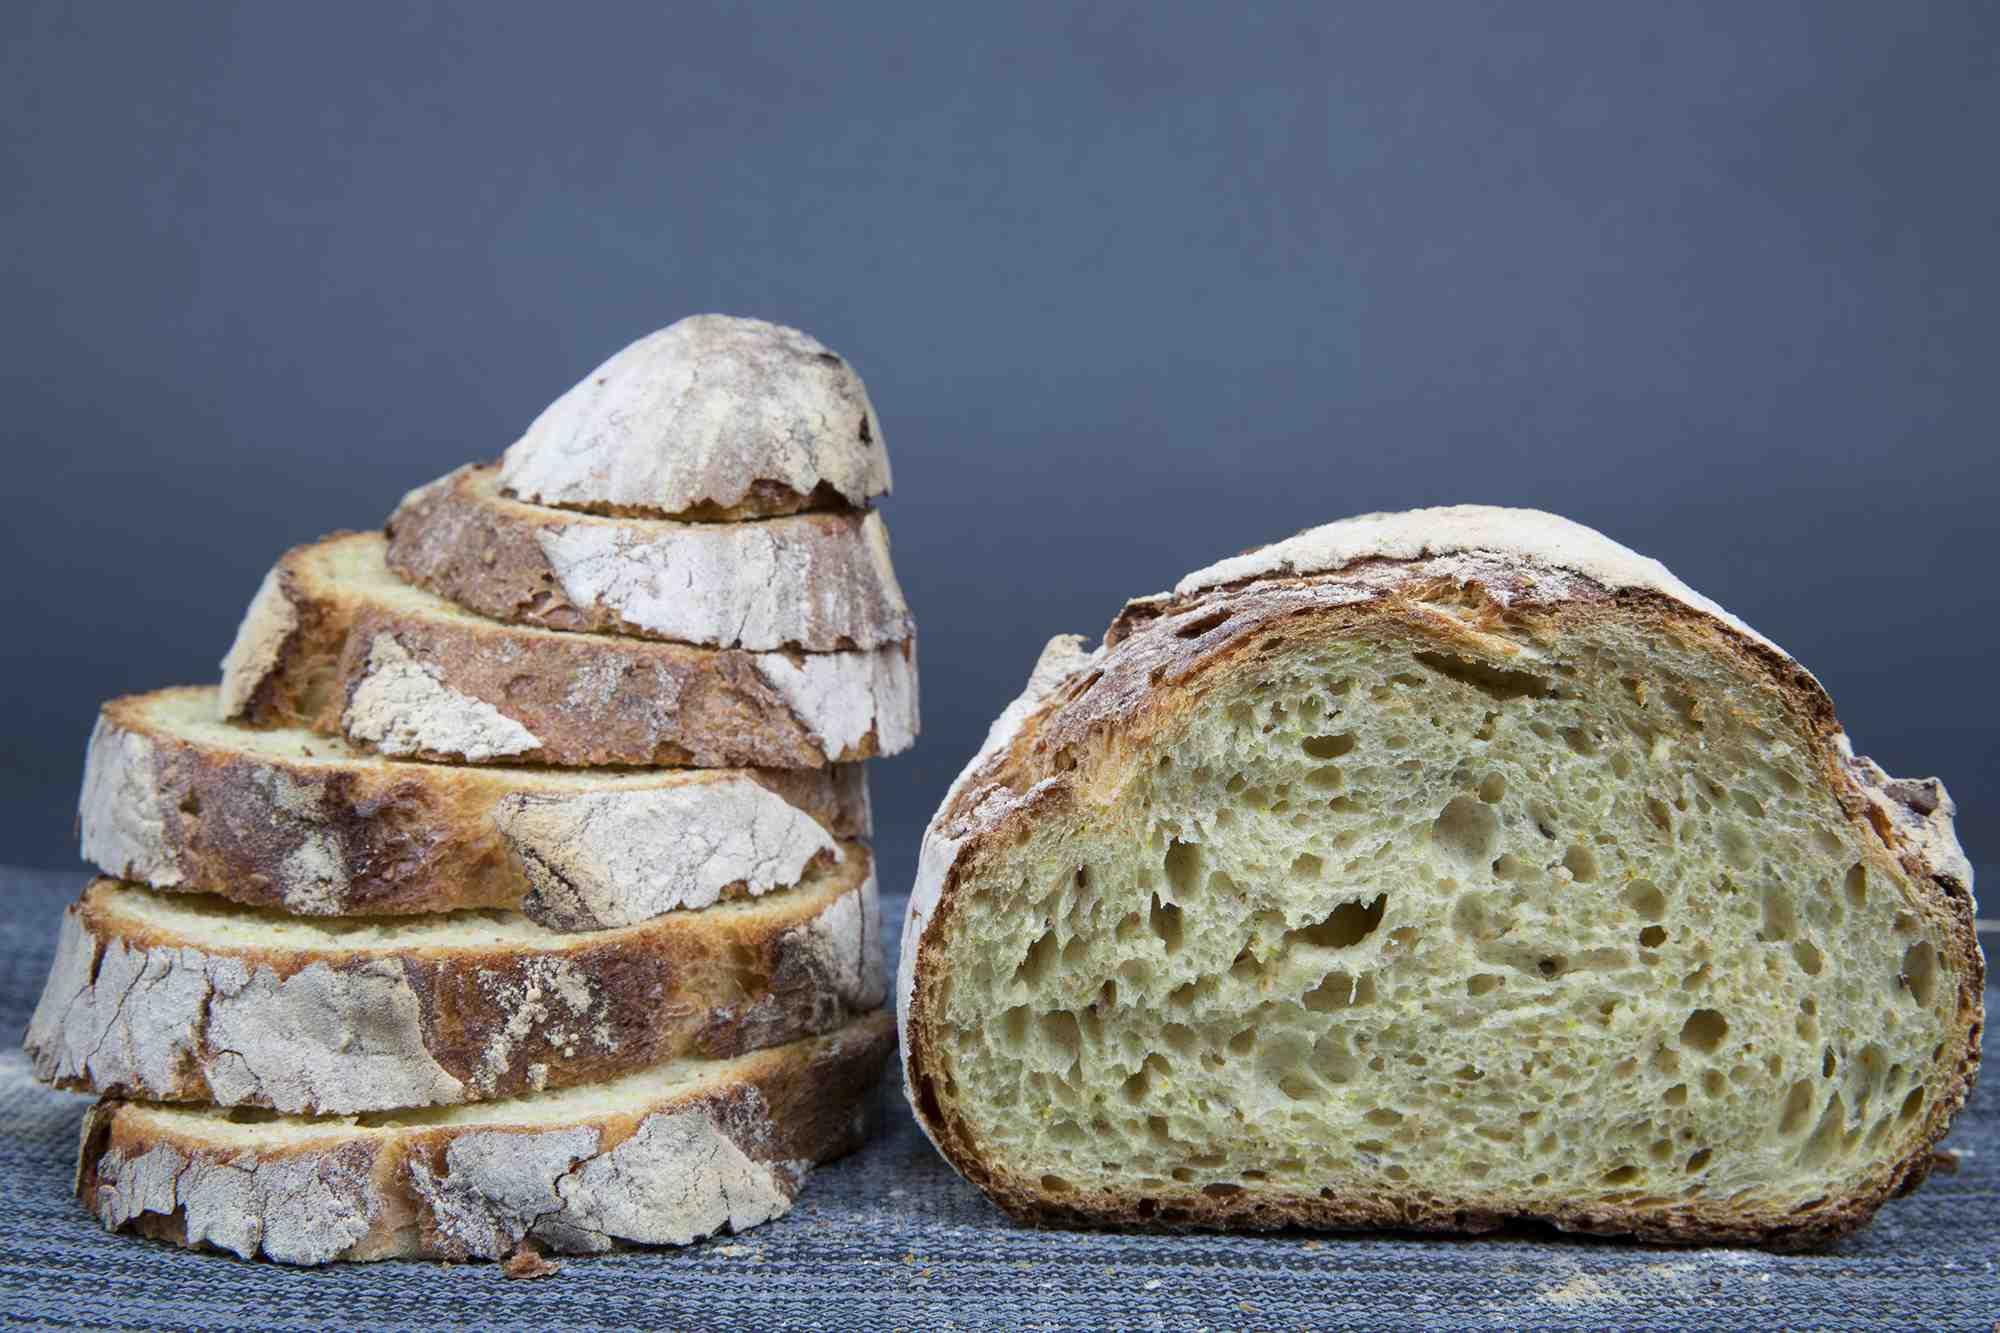 Workshop Eğitimleri/Ekşi Maya Ekmeği Yapımı